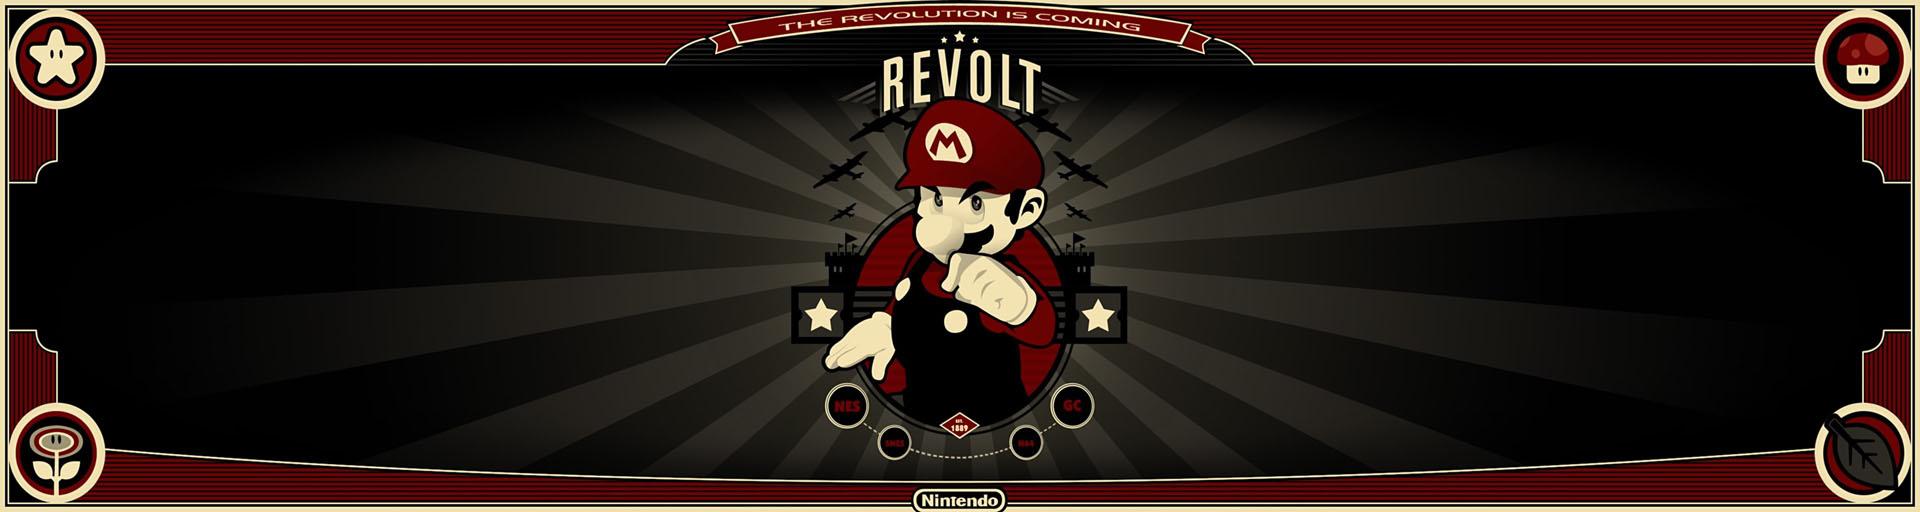 Mario Revolt Dual Screen